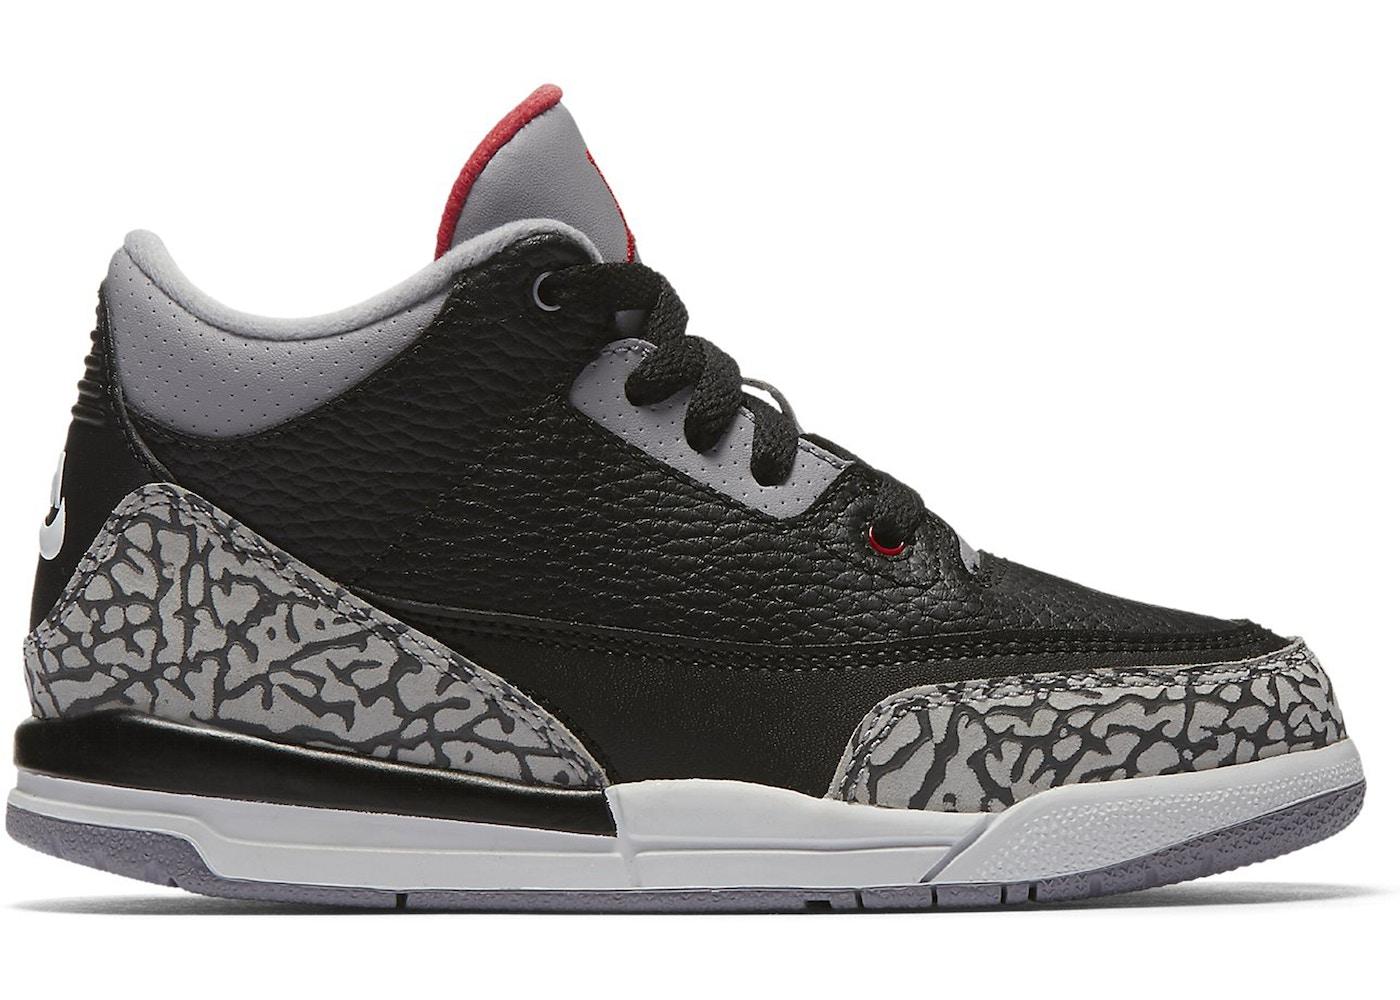 14e8f0c0f1752a Air Jordan 3 Size 12 Shoes - Release Date